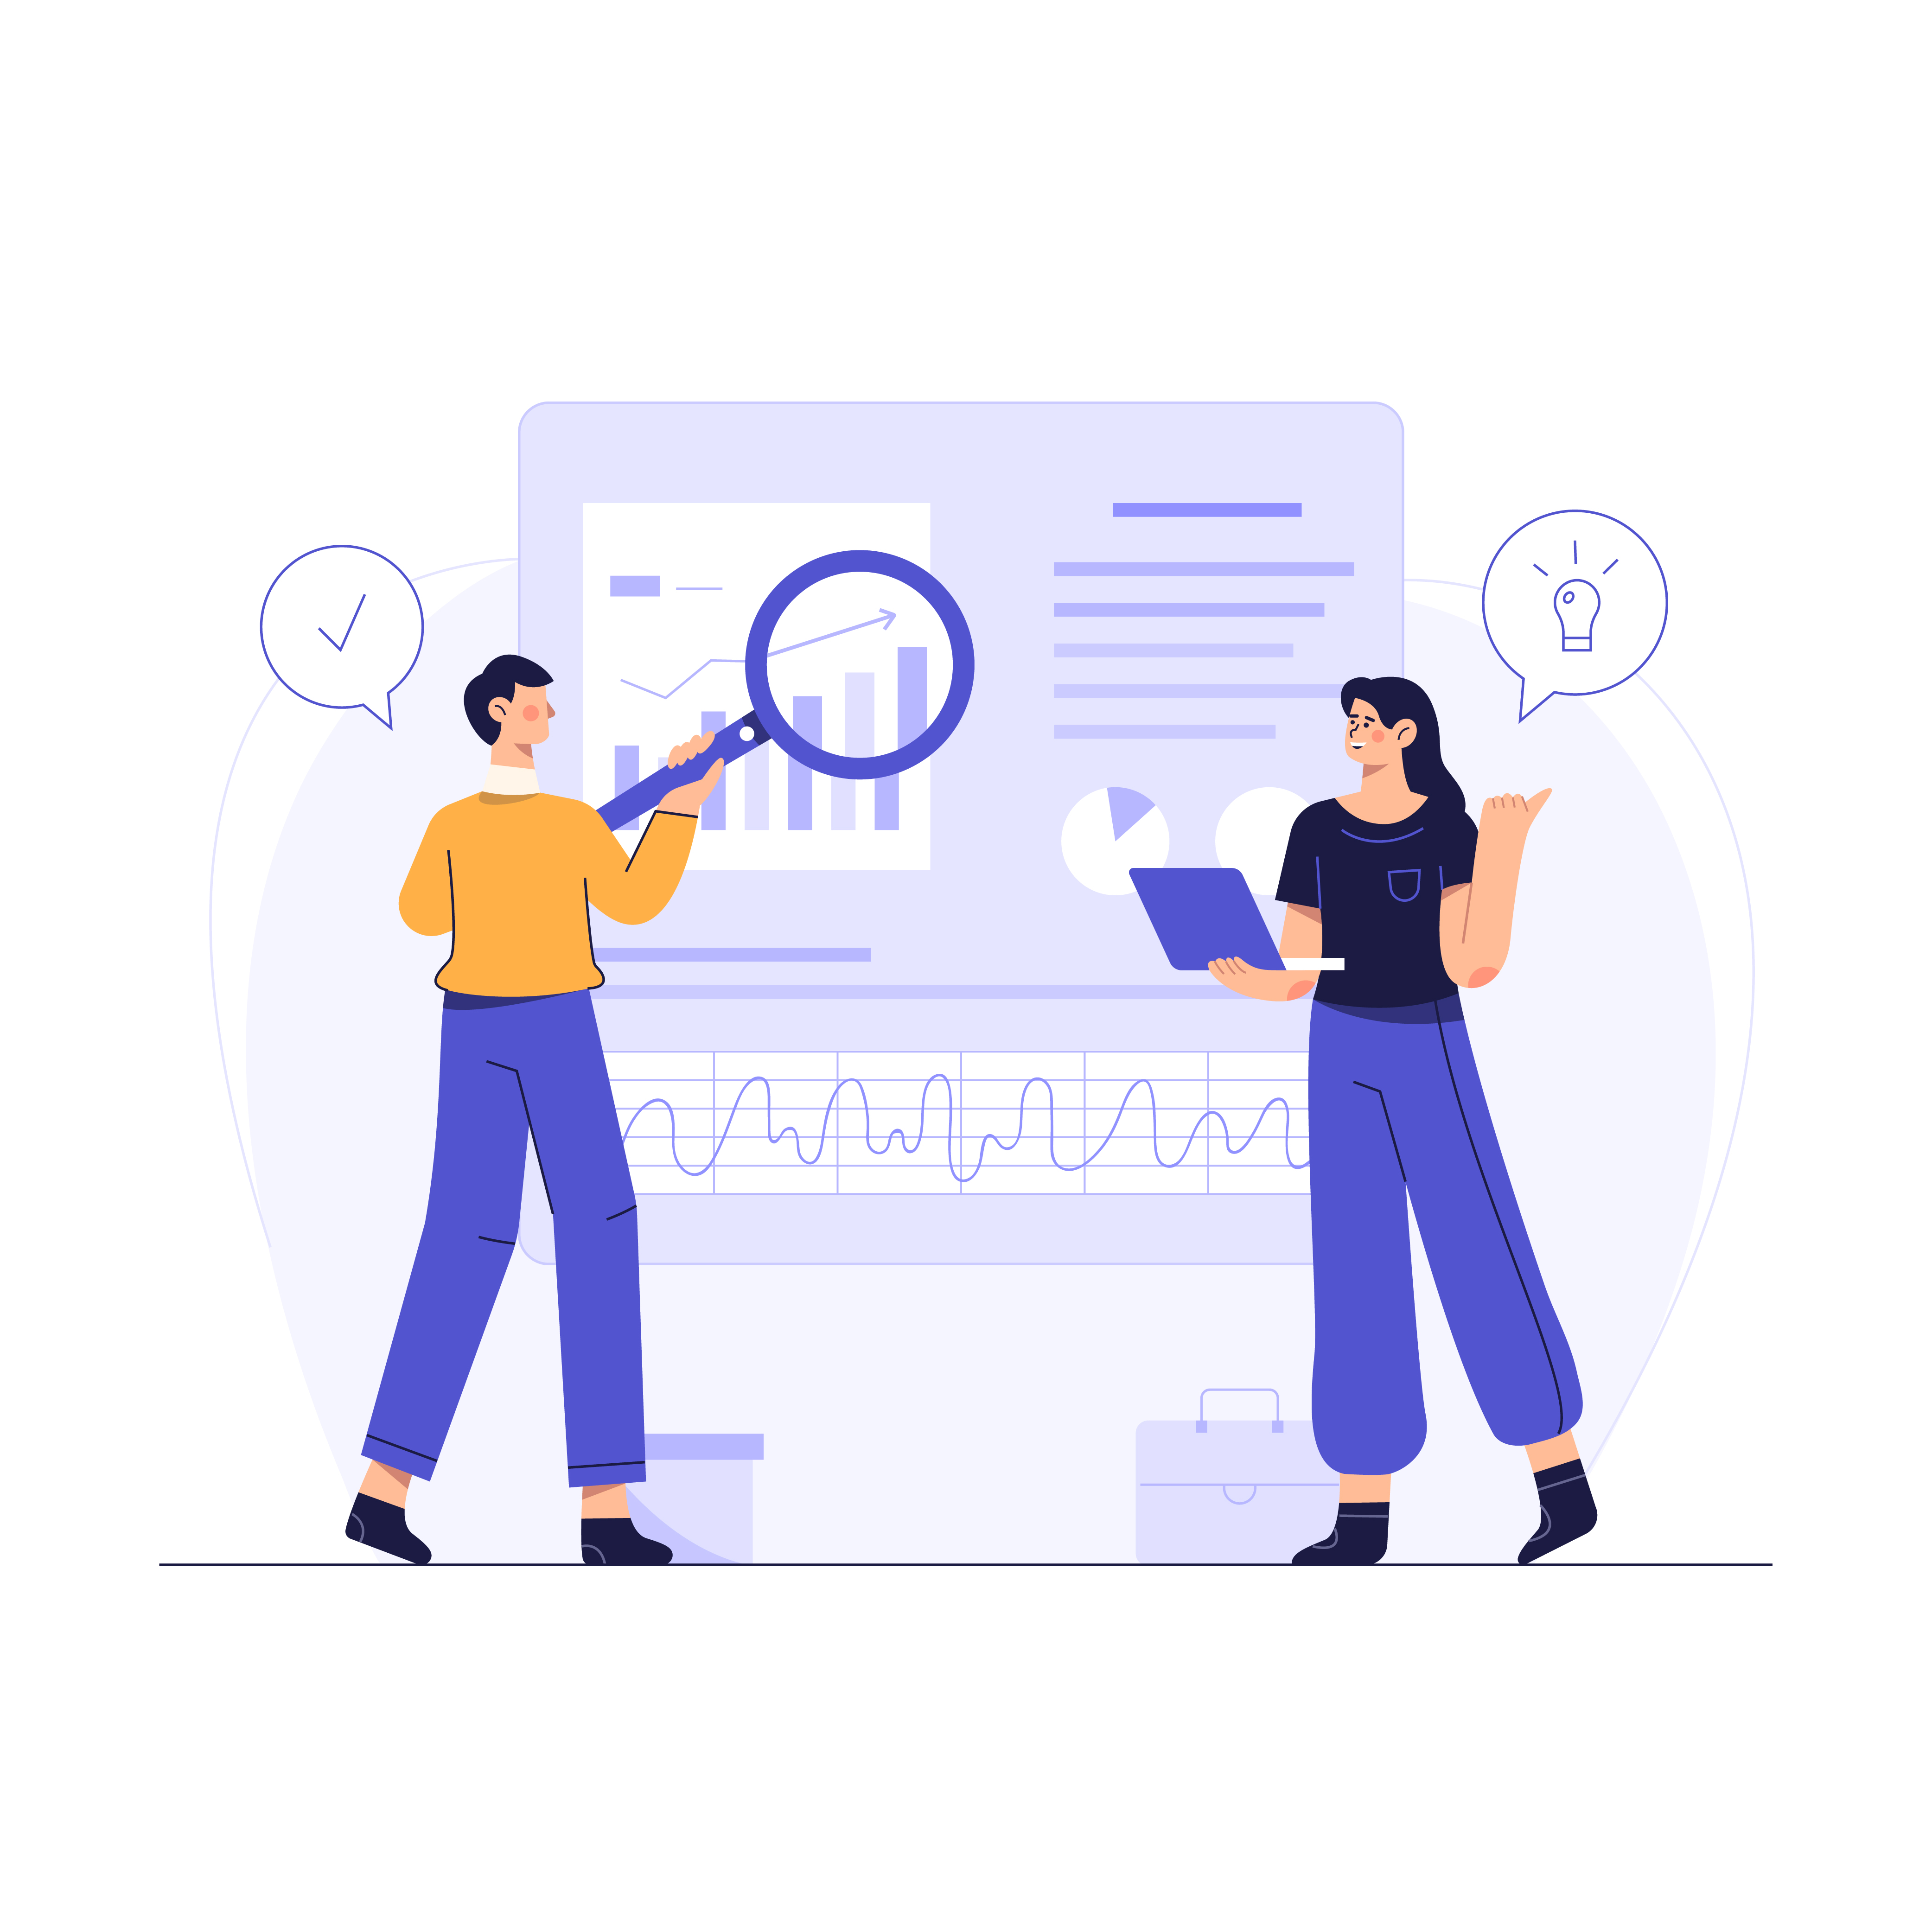 Story Telling - Data Analyst